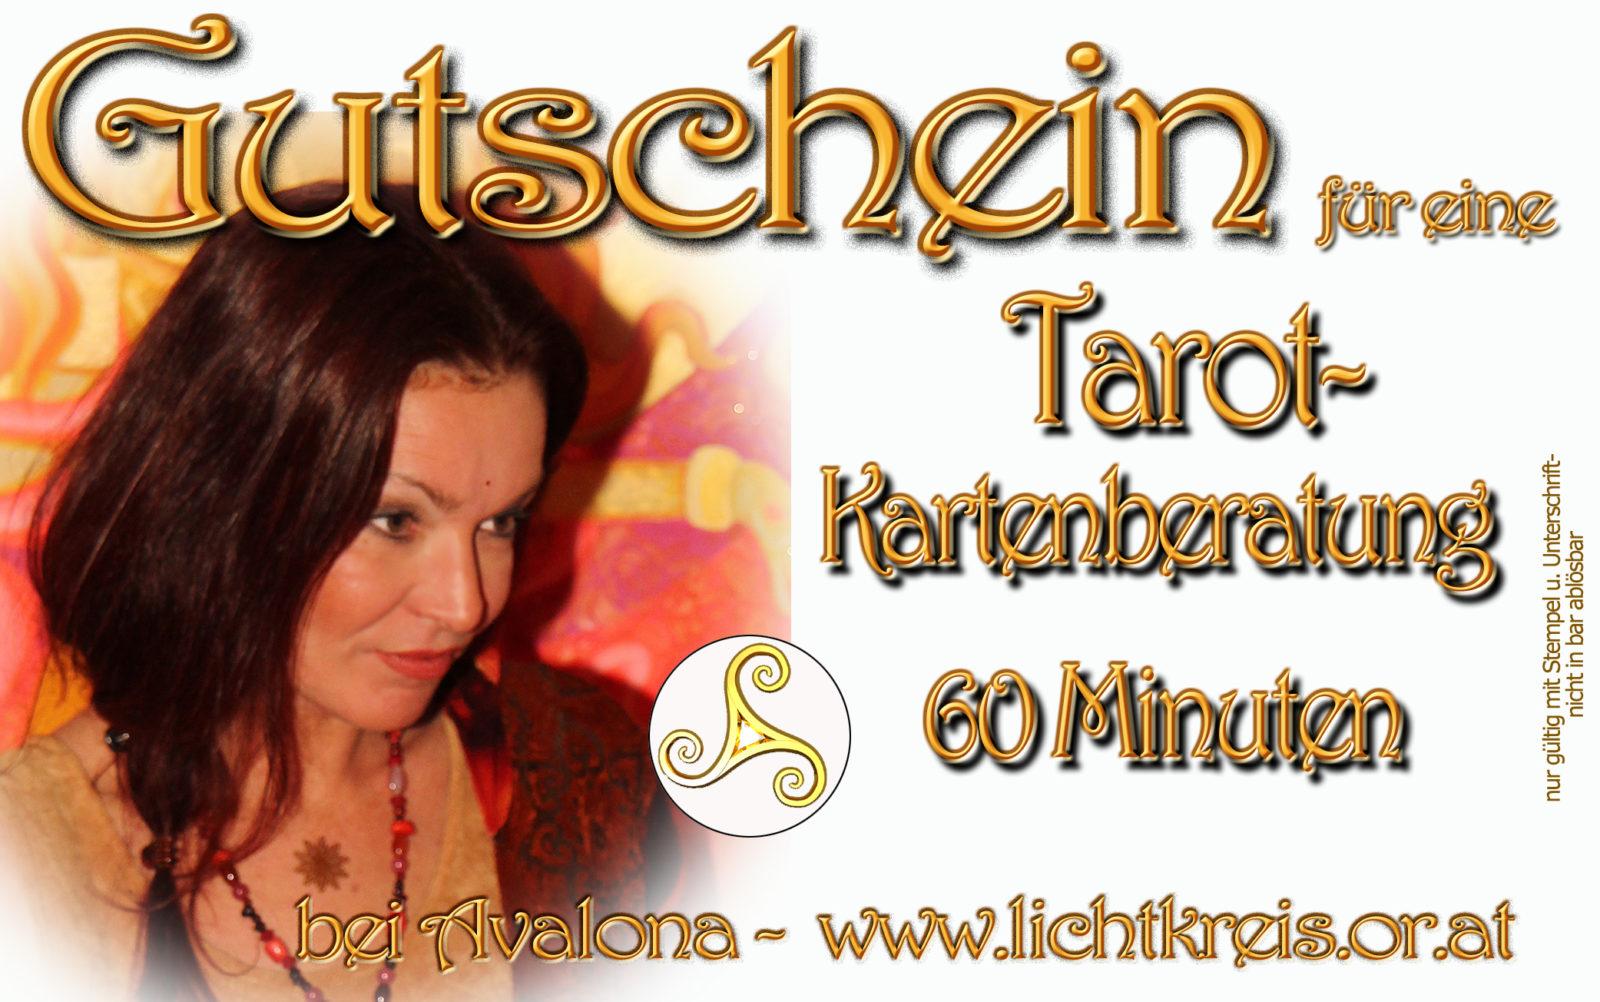 Geschenk-Gutschein für Tarot-Kartenberatung